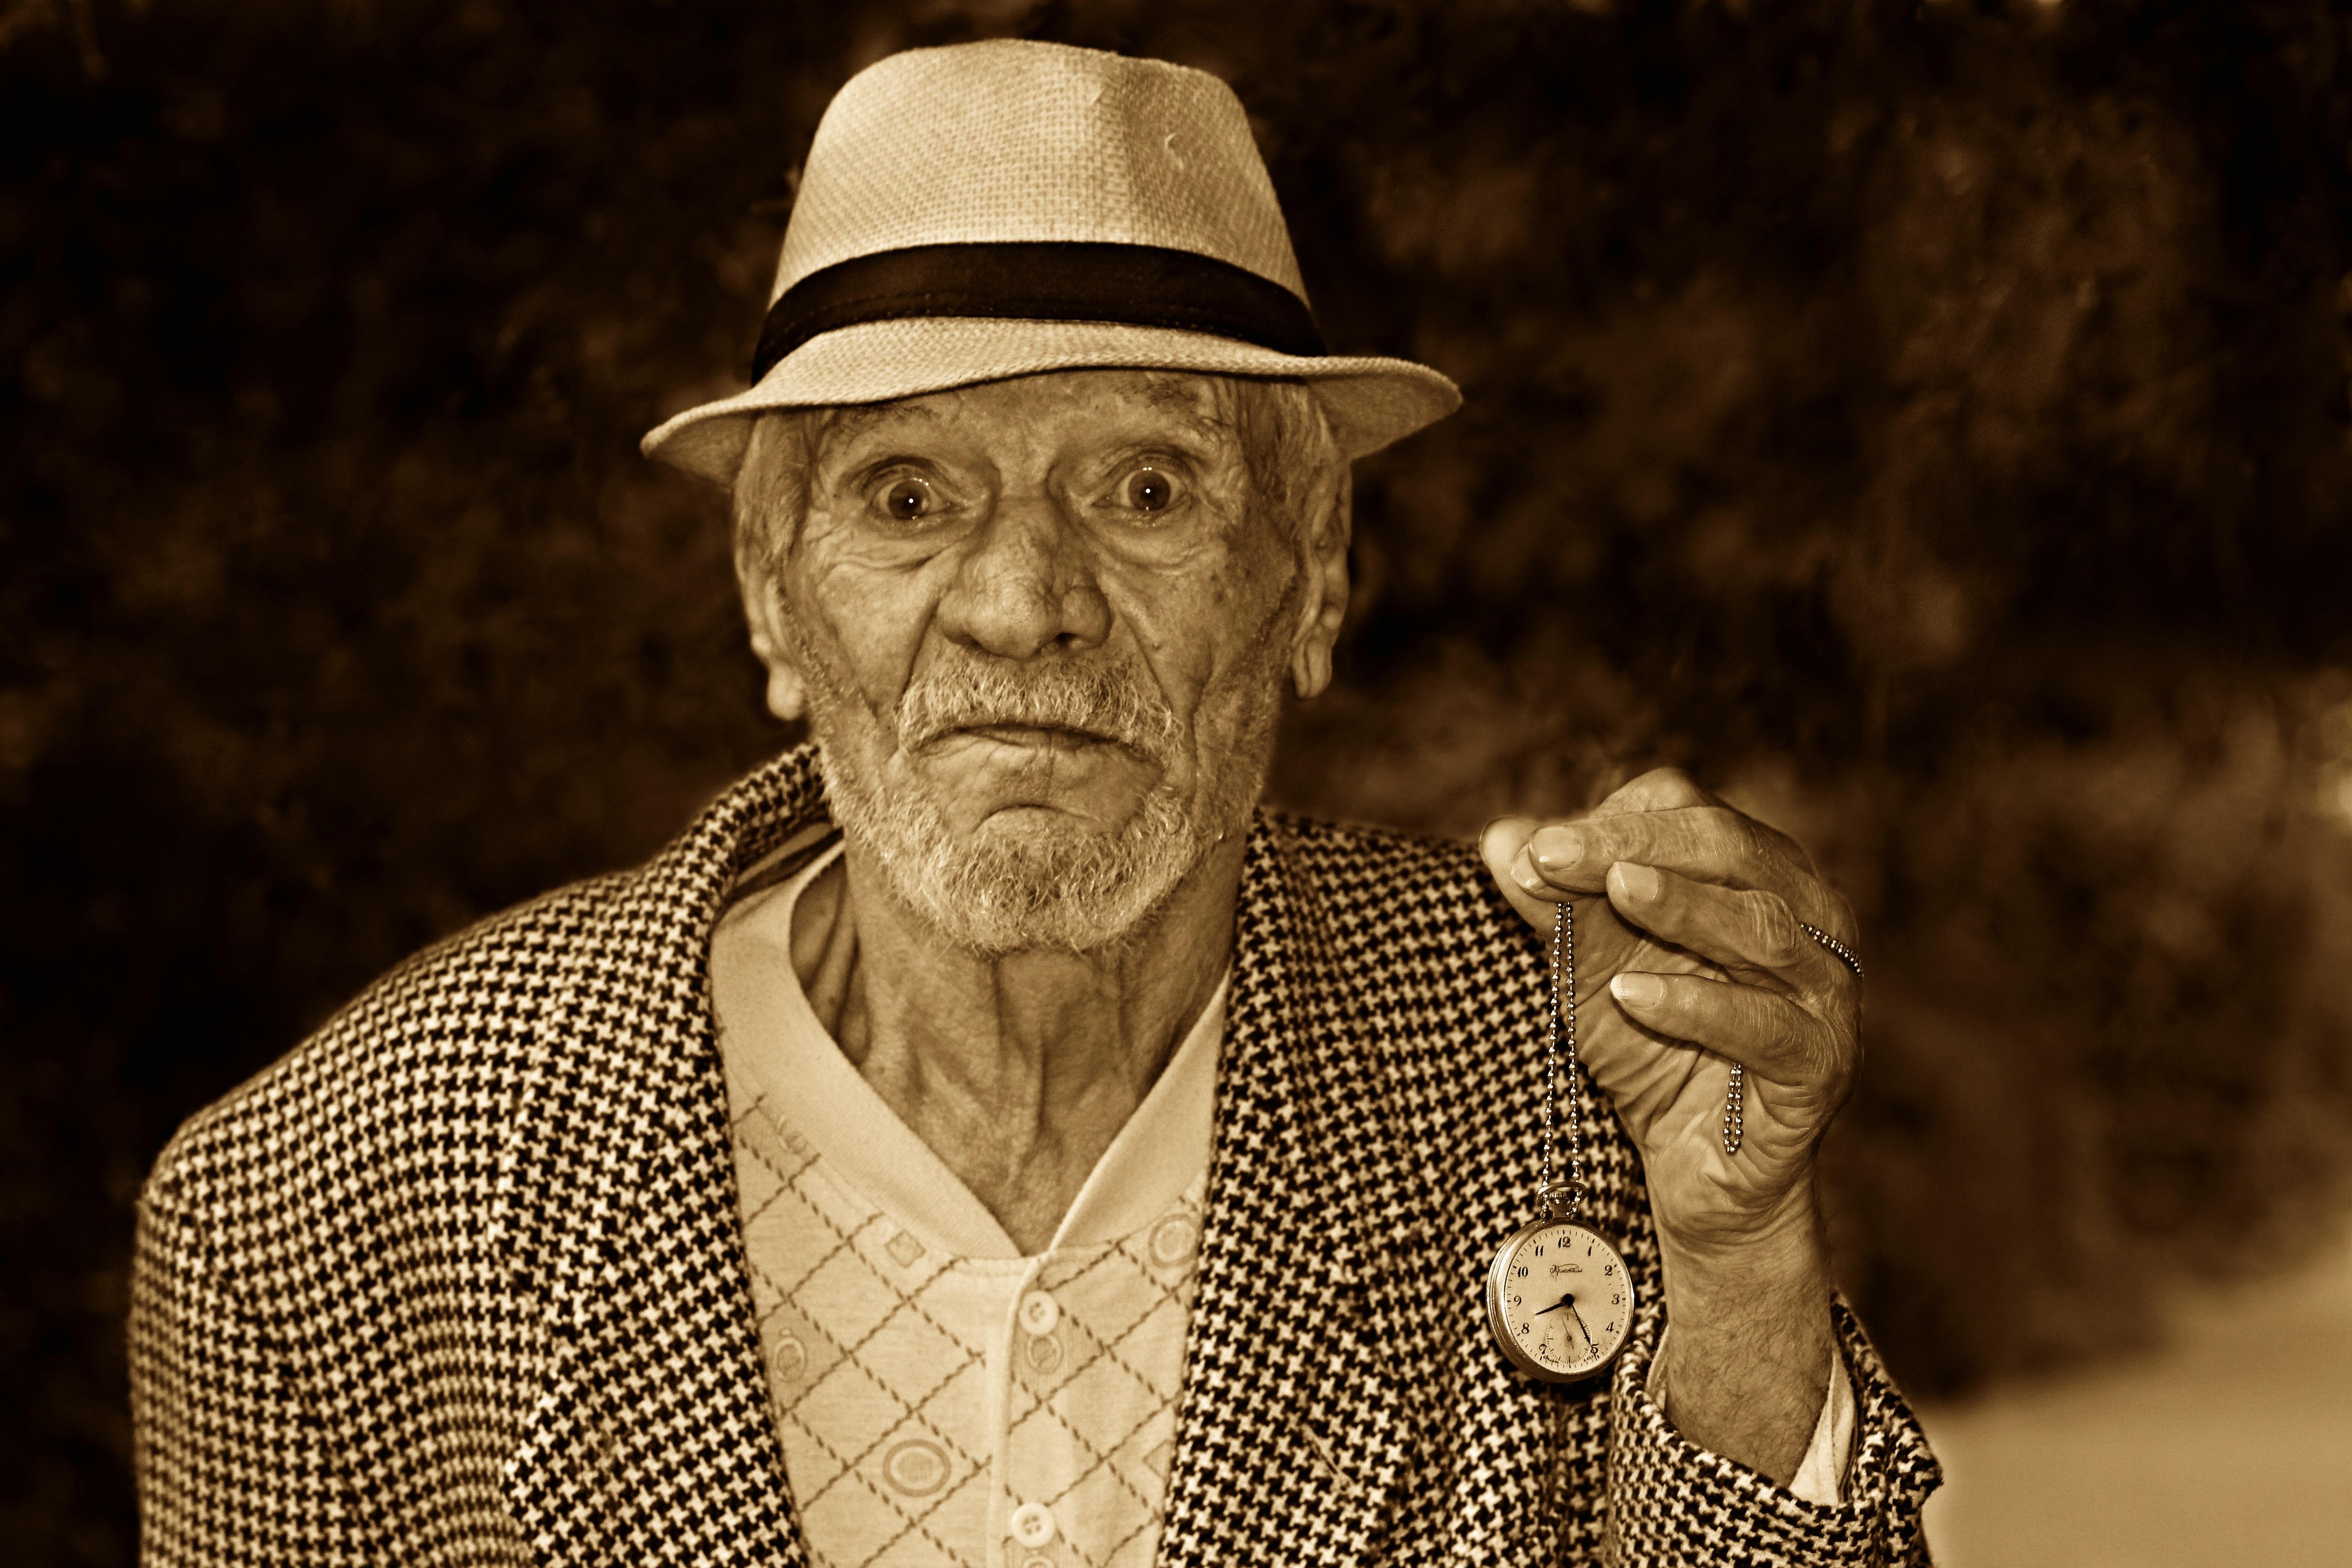 рейтинг каждой фото старое людей пожилых периодические